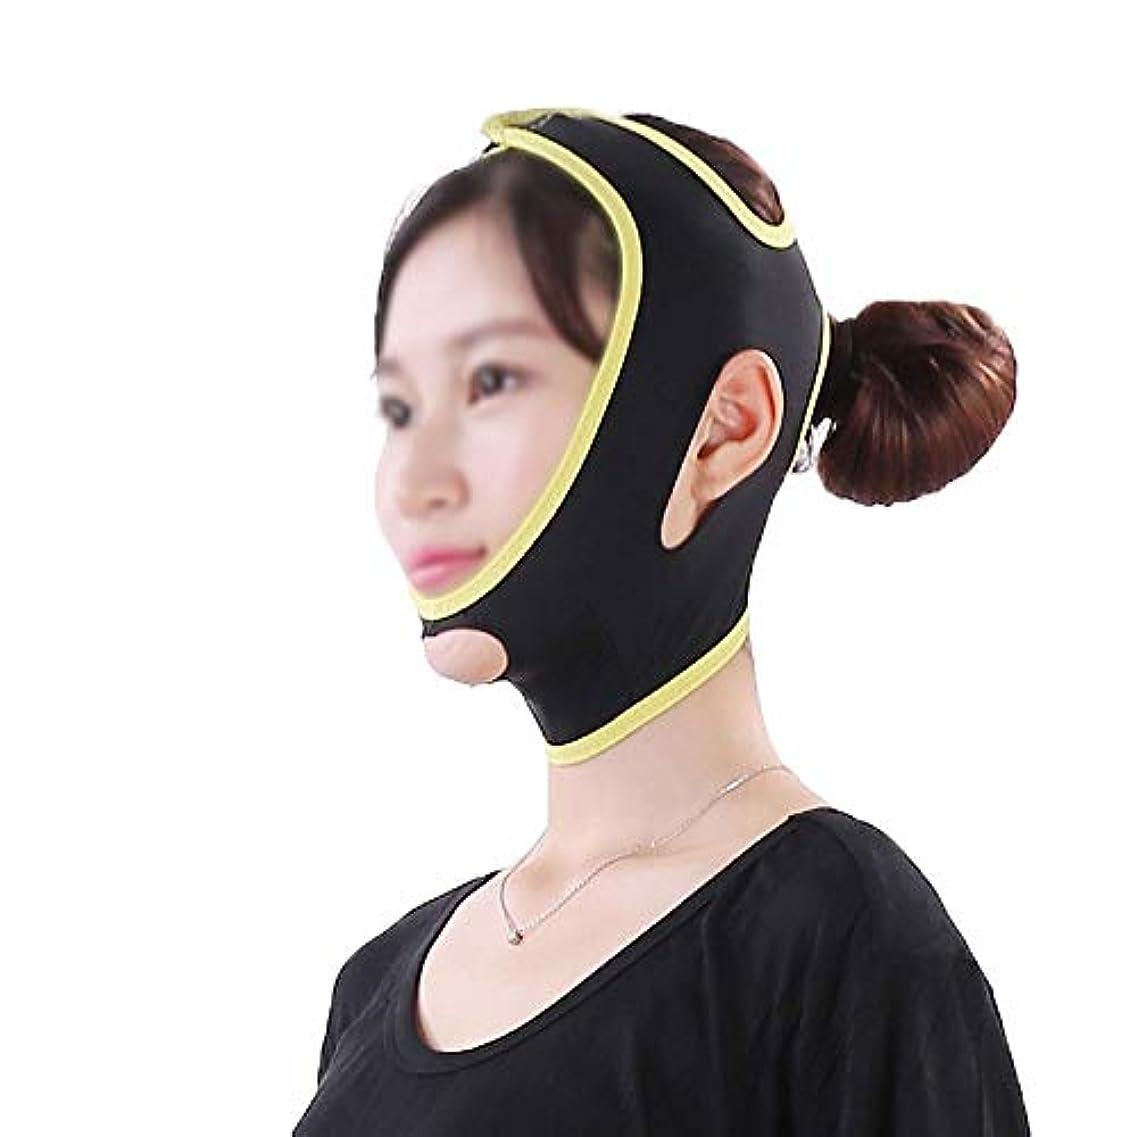 市民強調する生きるTLMY フェイス&ネックリフトシンフェイスマスクパワフルマスクフェイスリフトアーチファクトフェイスリフトフェイスツールシンフェイス包帯シンフェイスマスク美容マスク 顔用整形マスク (Size : L)